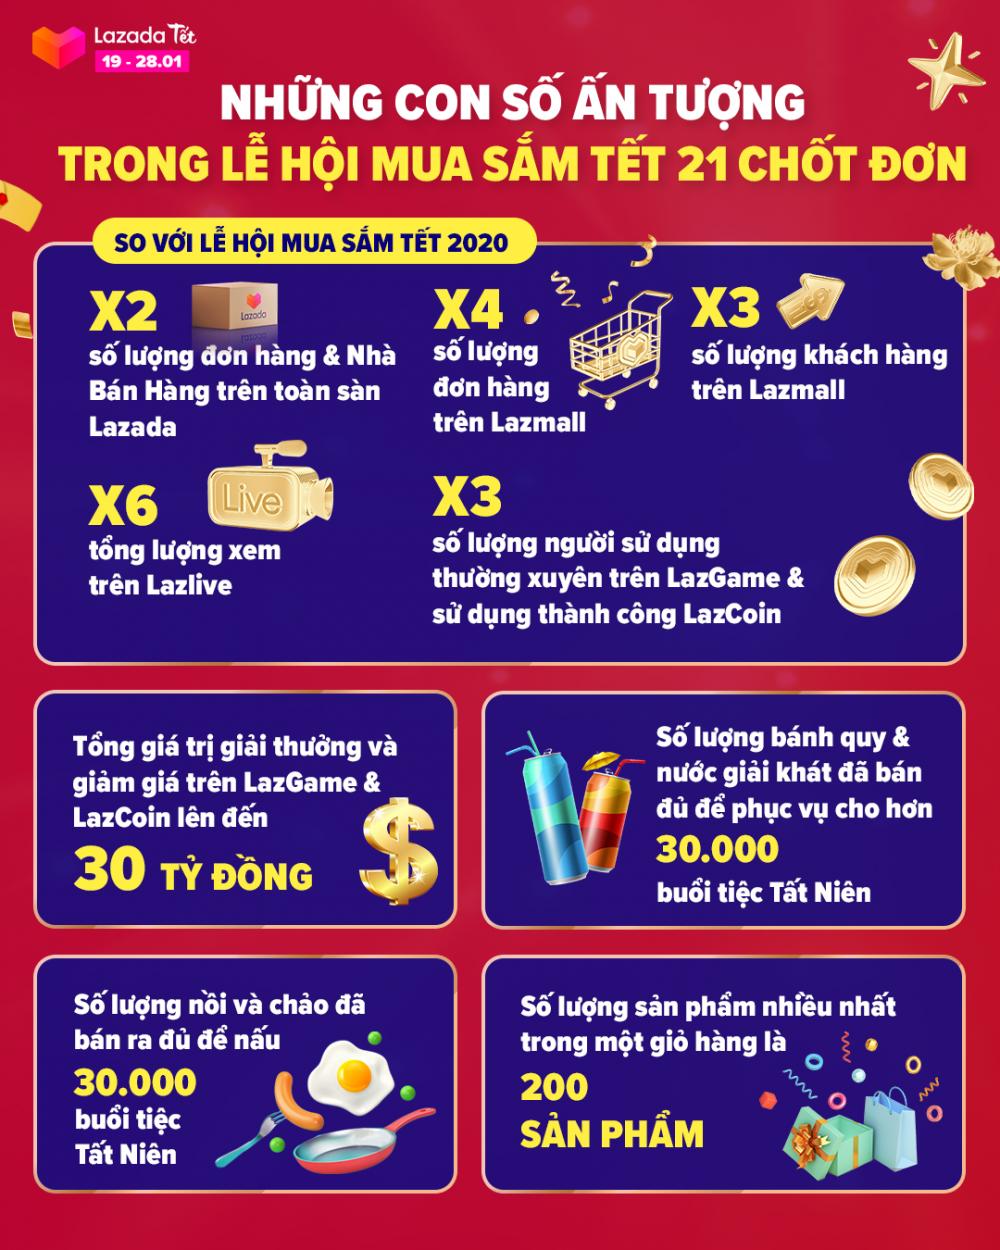 Lazada Việt Nam tăng gấp đôi lượng đơn hàng và nhà bán hàng trong dịp Tết Nguyên đán